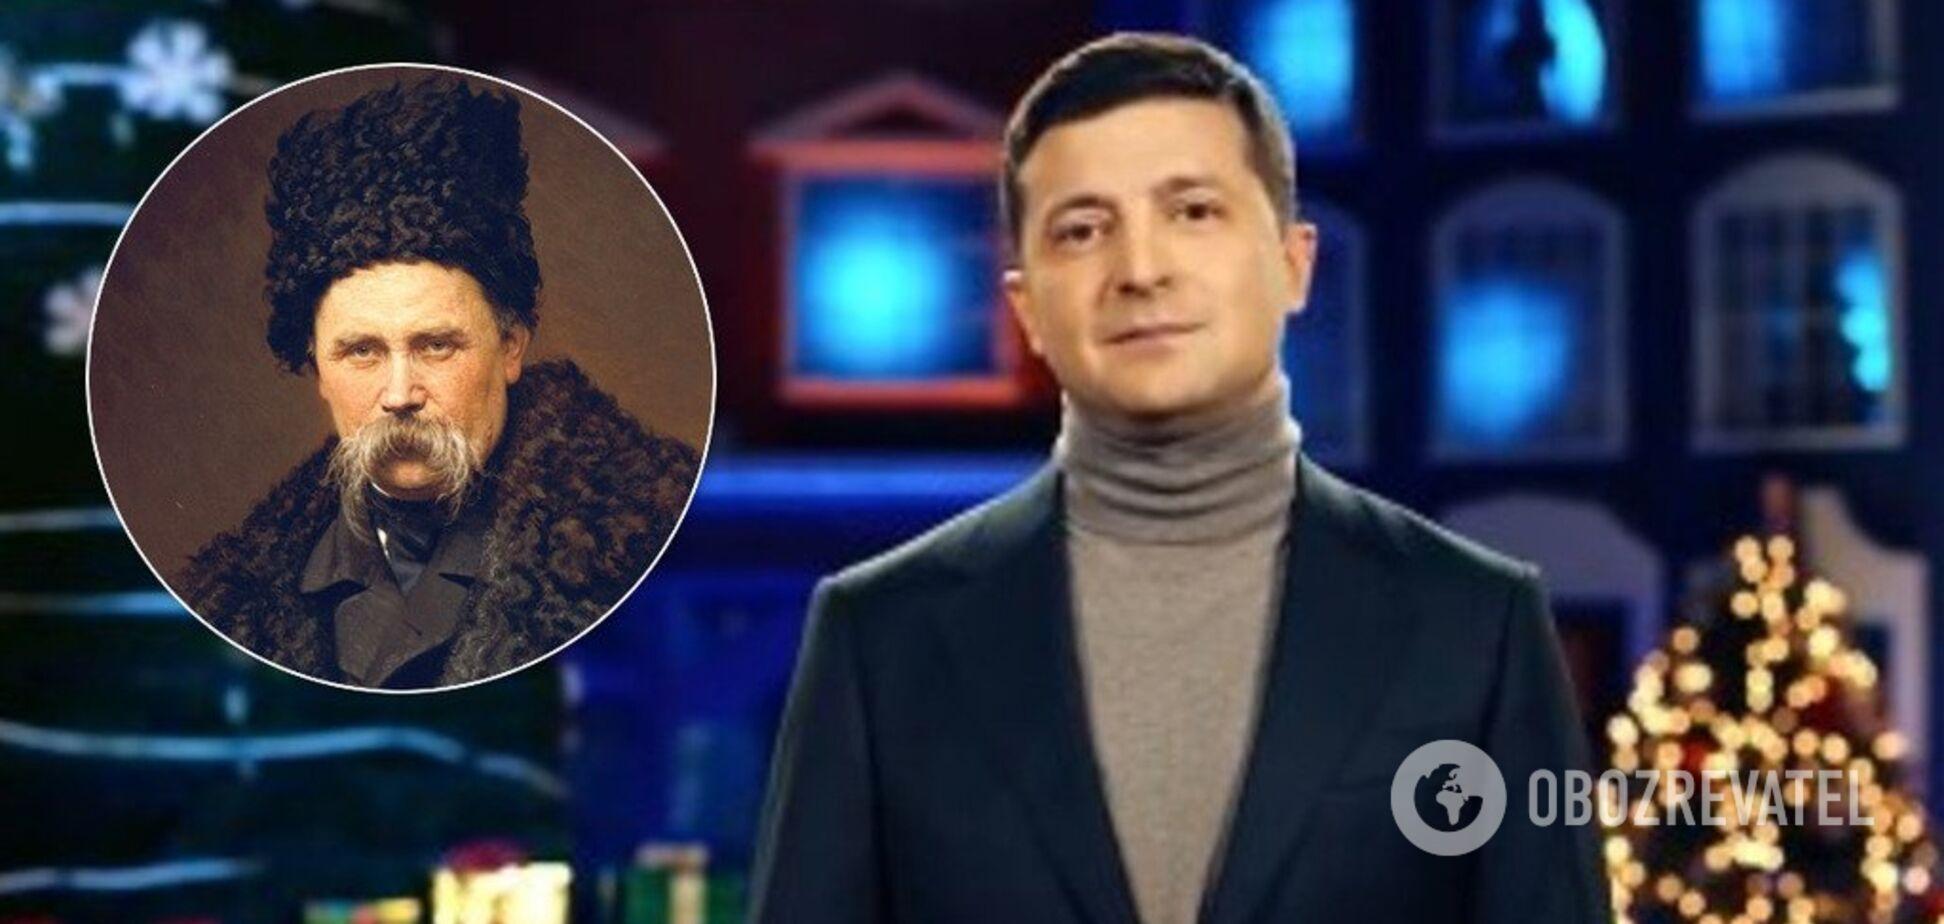 'Какая разница?' Украинец мощно ответил Зеленскому 'Заповітом' и взорвал сеть